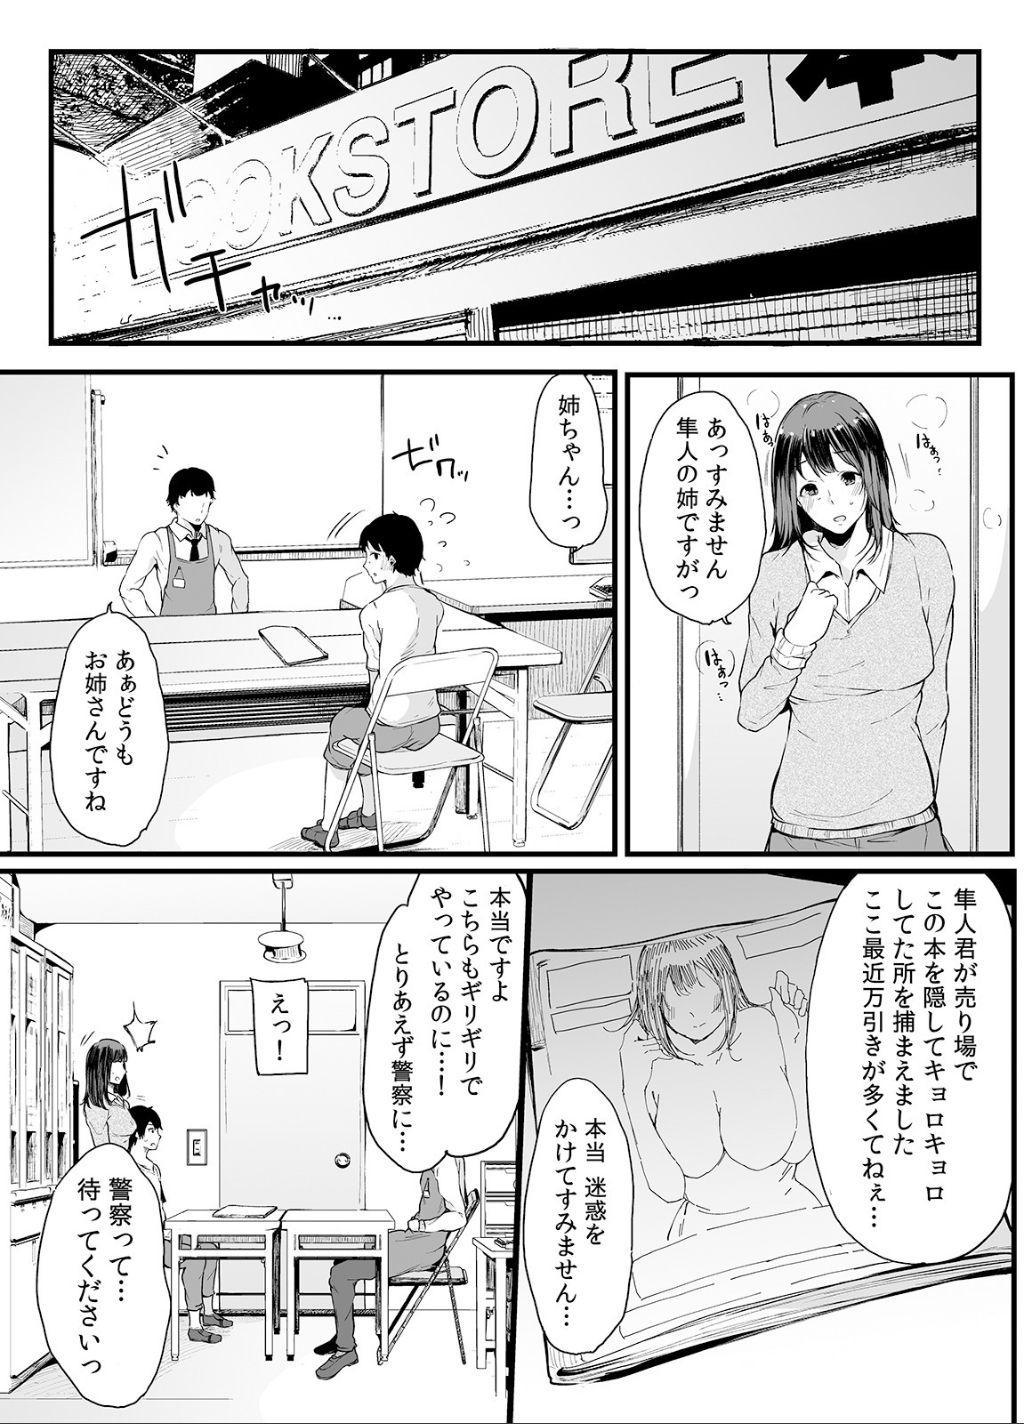 Otouto ni Ero Manga to Onaji Koto o Sare Chau o Nee-chan no Hanashi 2 42